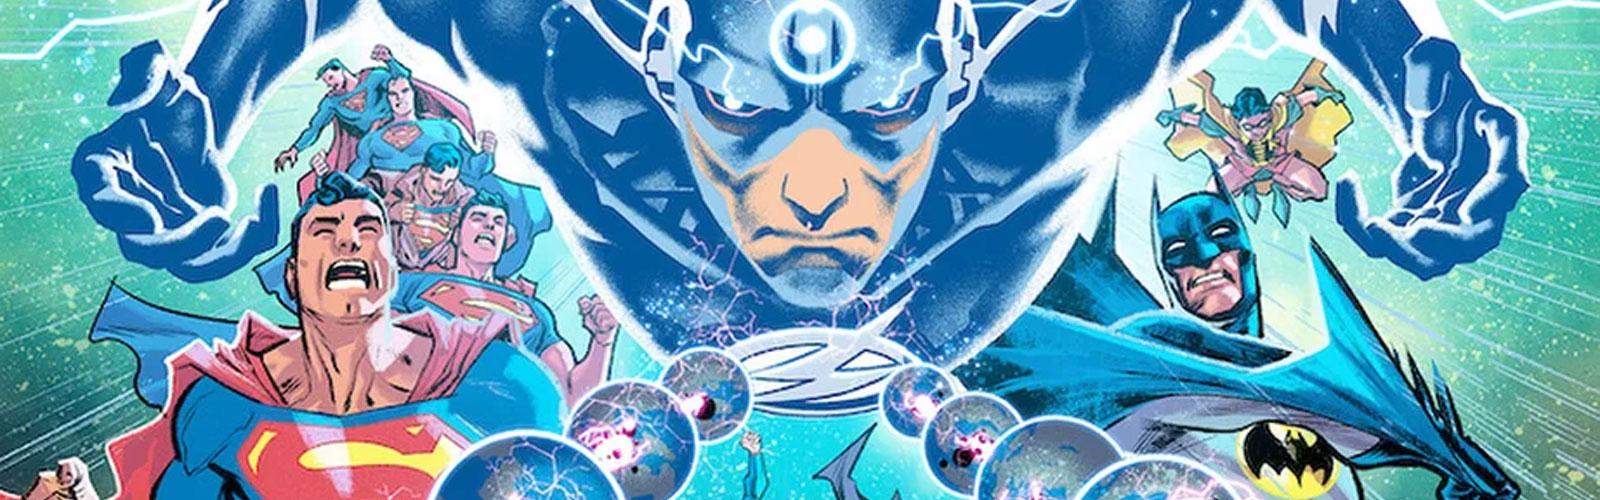 DC: Generation Zero